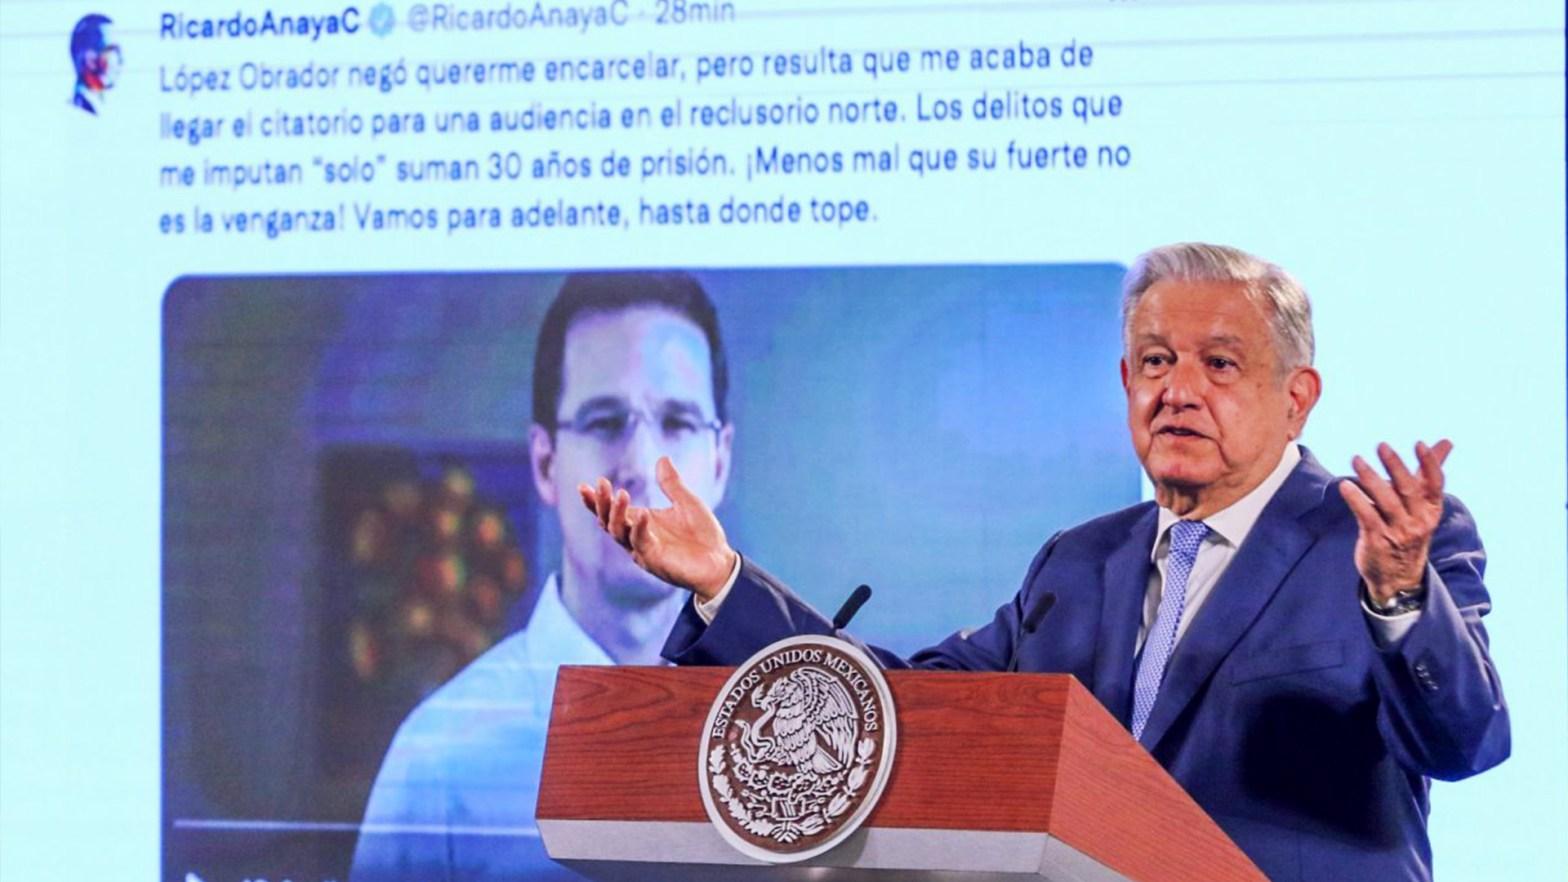 EL presidente hablando sobre las acusaciones de Ricardo Anaya